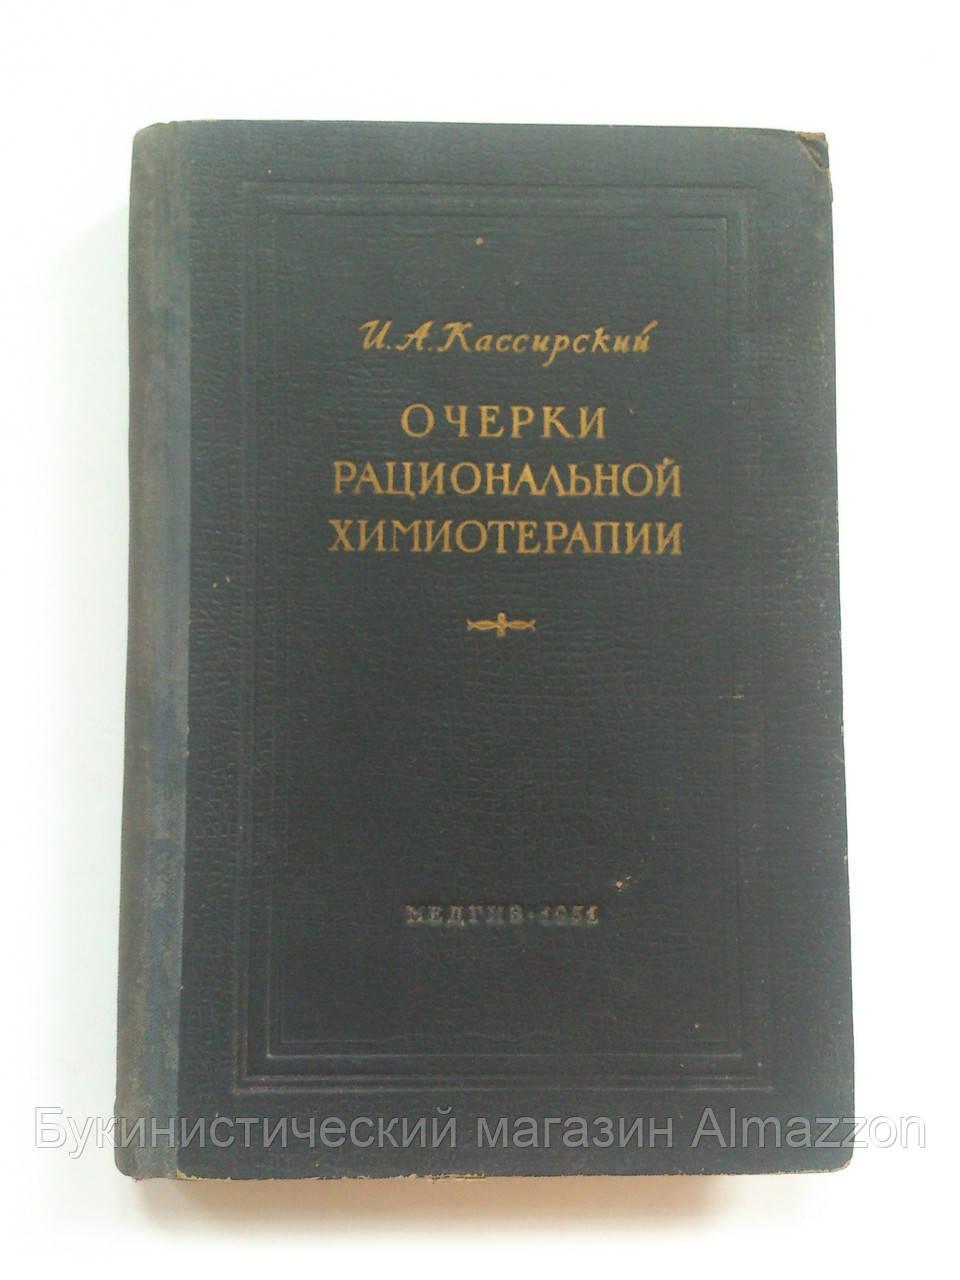 Кассирский И. Очерки рациональной химиотерапии. Медгиз. 1951 год